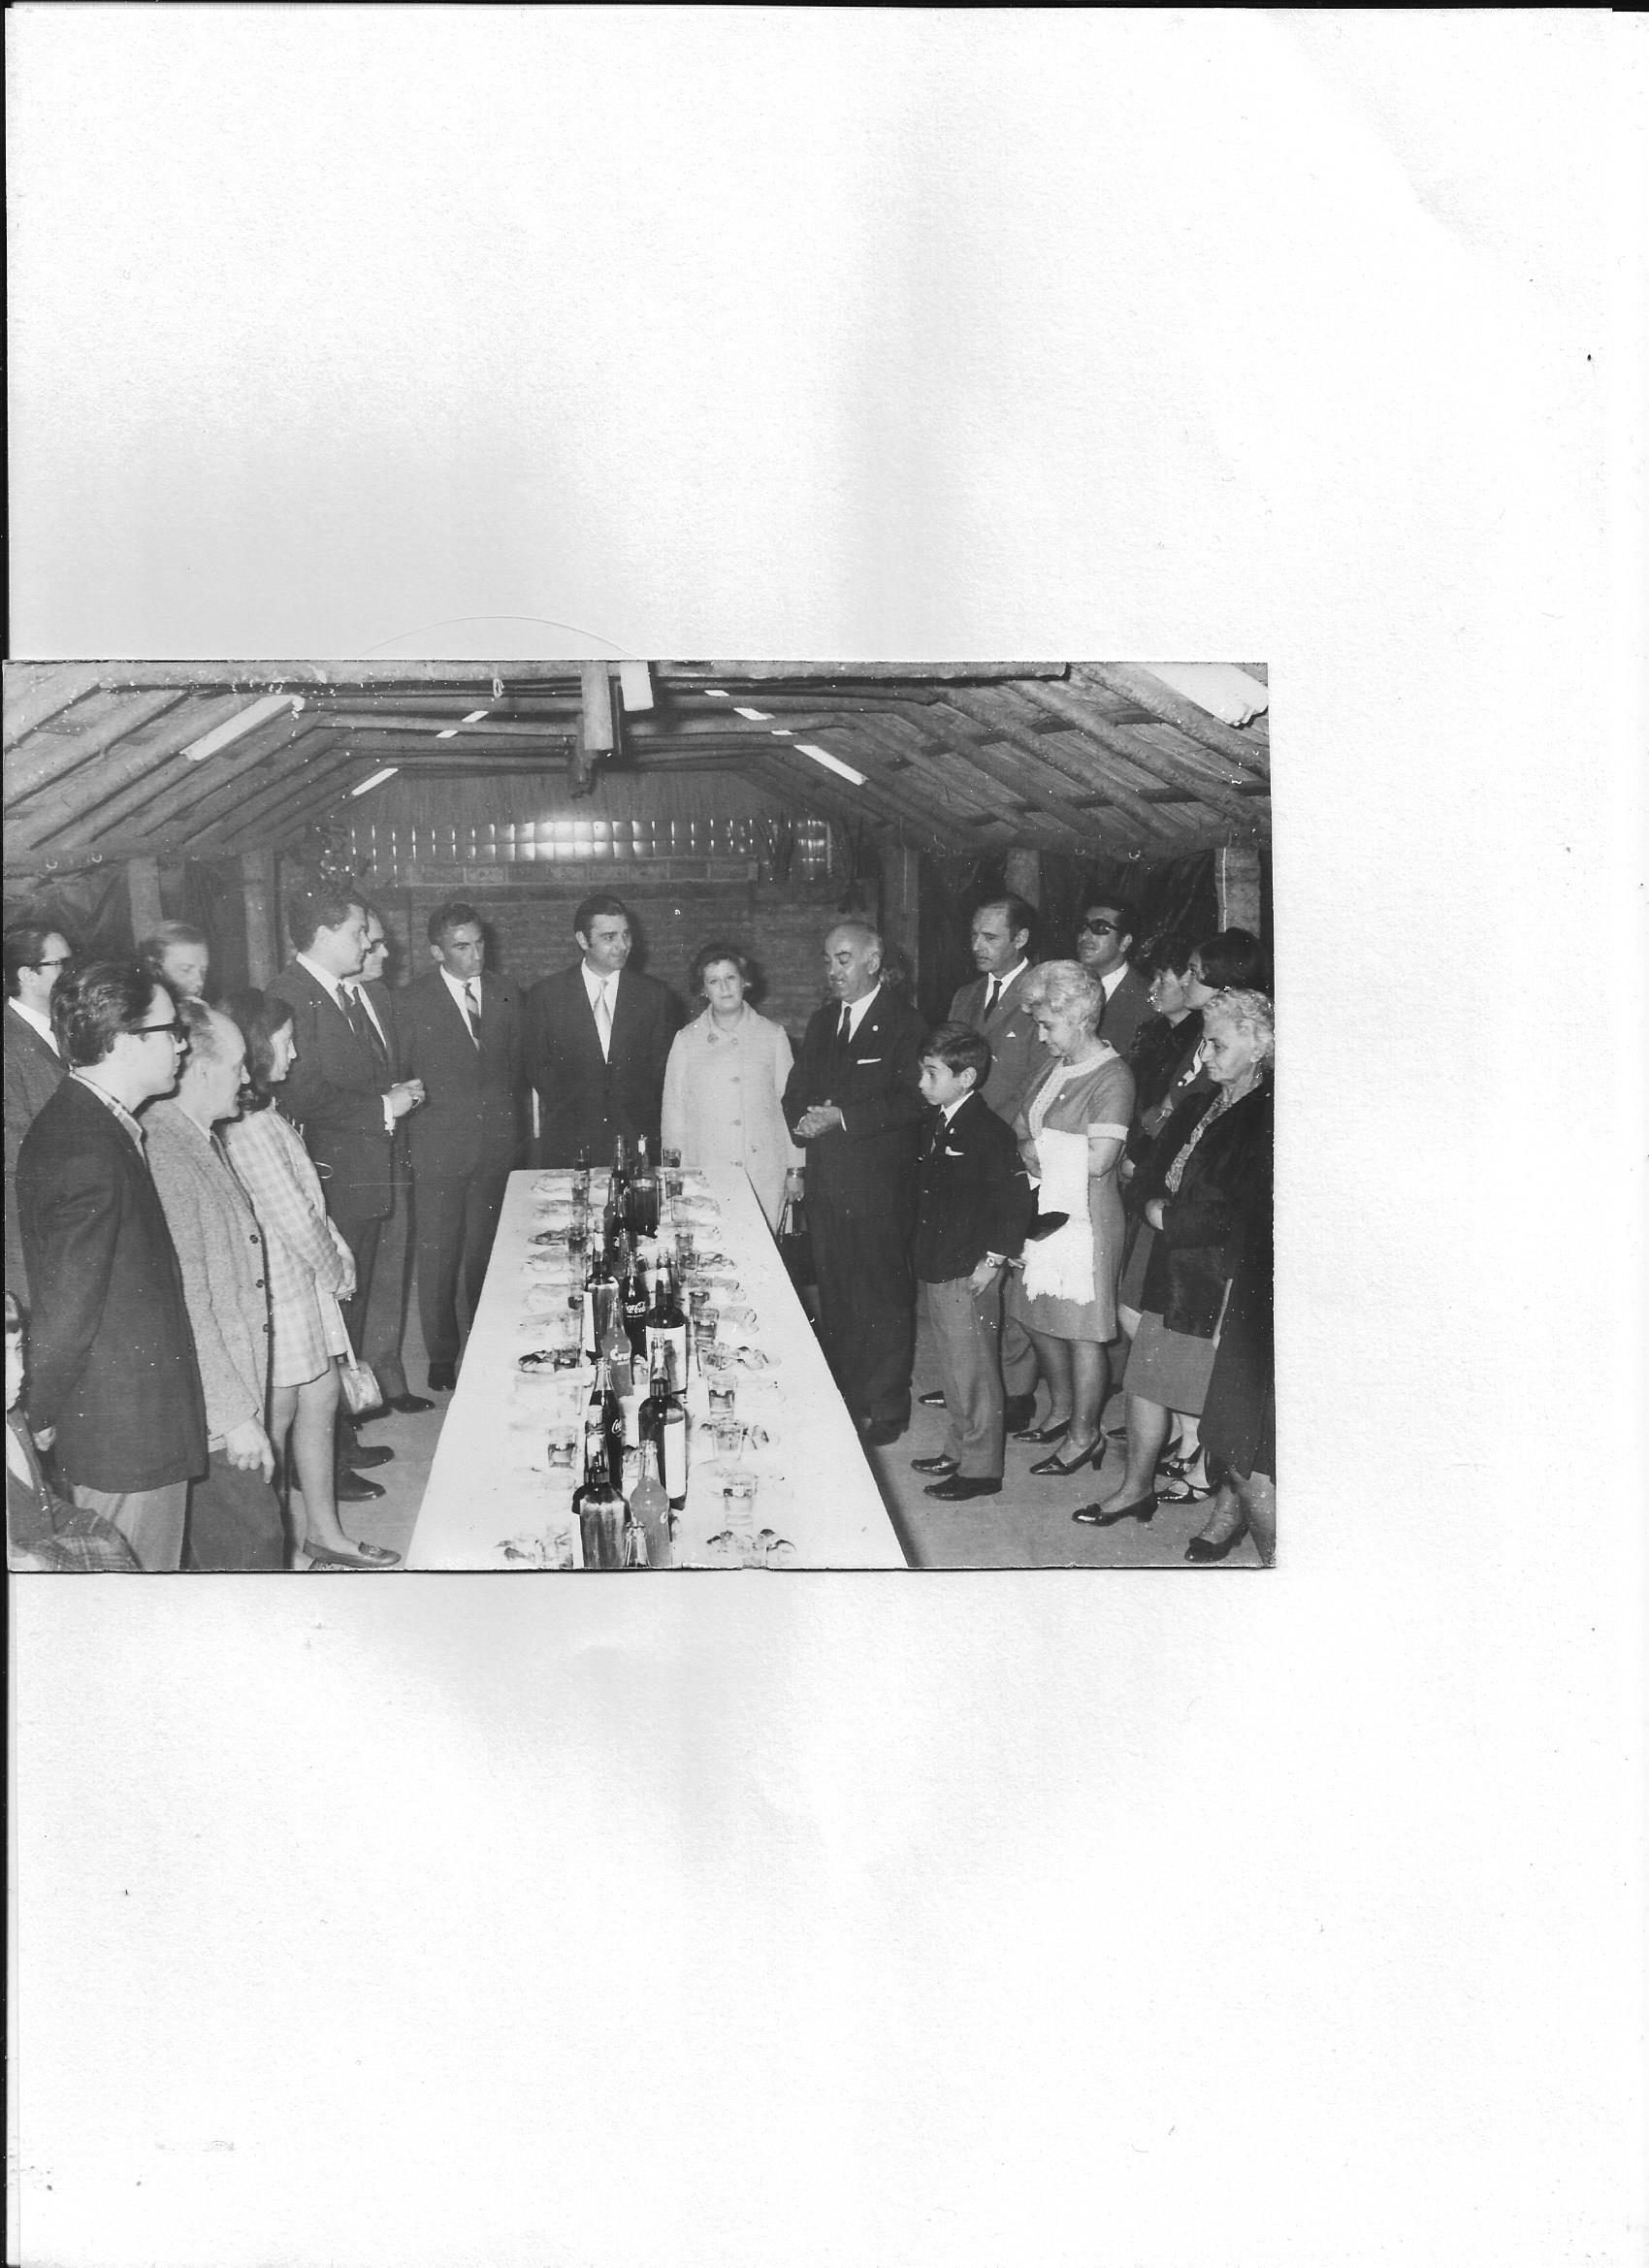 1/11/1969 - acto de entrega de subsidio de m$n 100.000.- por el municipio de  3DF. En la foo: Héctor Rodriguez, Secretario de Bienestar Social, el señor Lucio Mansini Jefe de la Sección Radioaficionados. Roberto Garcia LU1BN presidente del radioclub. Socios e invitados.